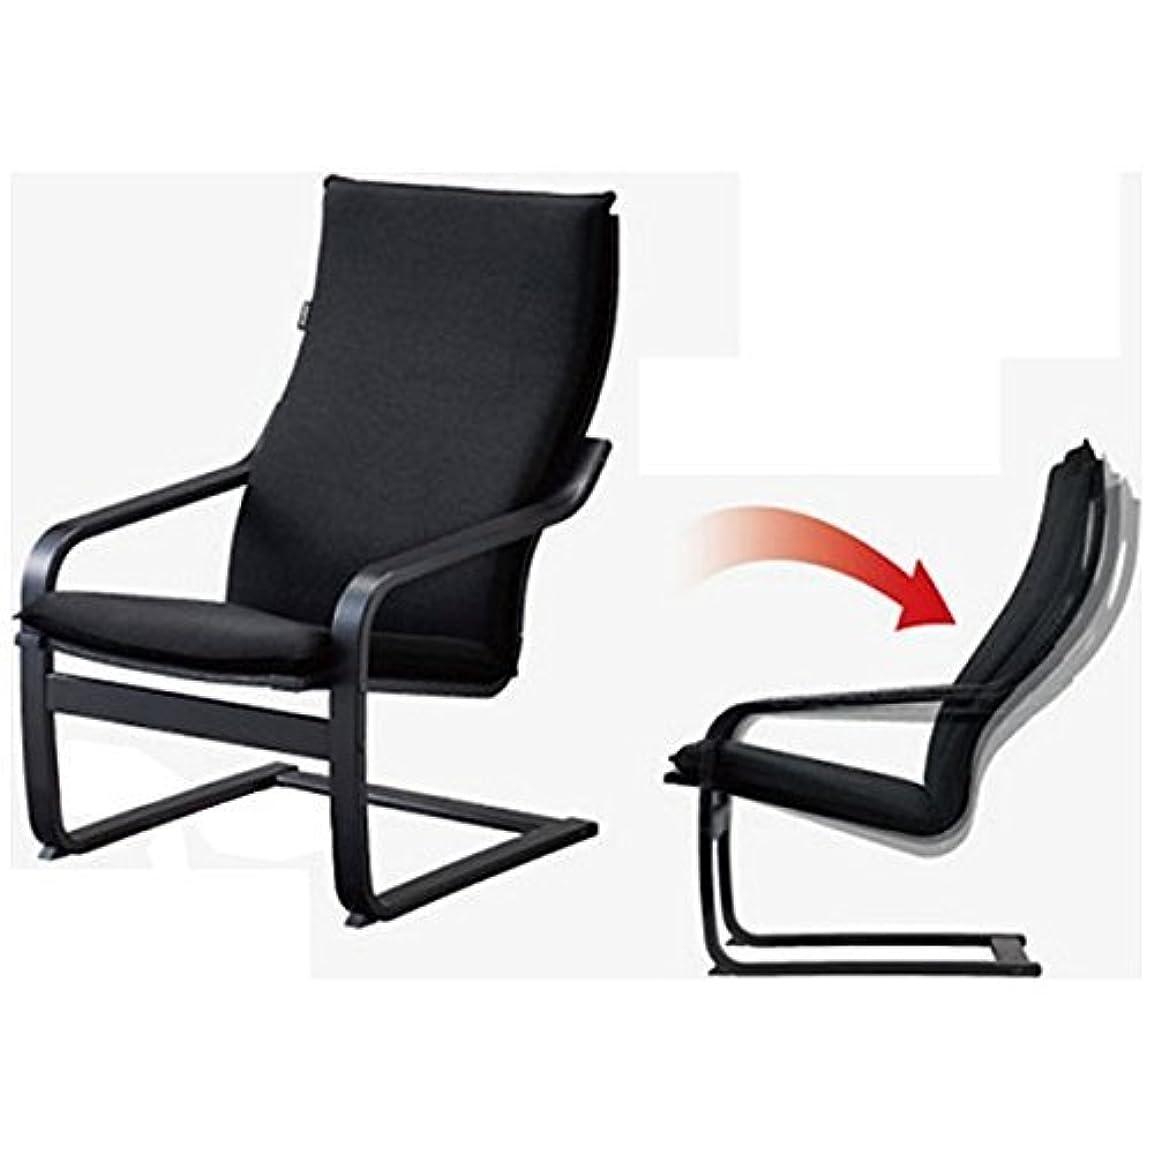 緩やかな業界飲み込むフジ医療器 シートマッサージャー用チェア(ブラック)my relax(マイリラ) MRL-10C